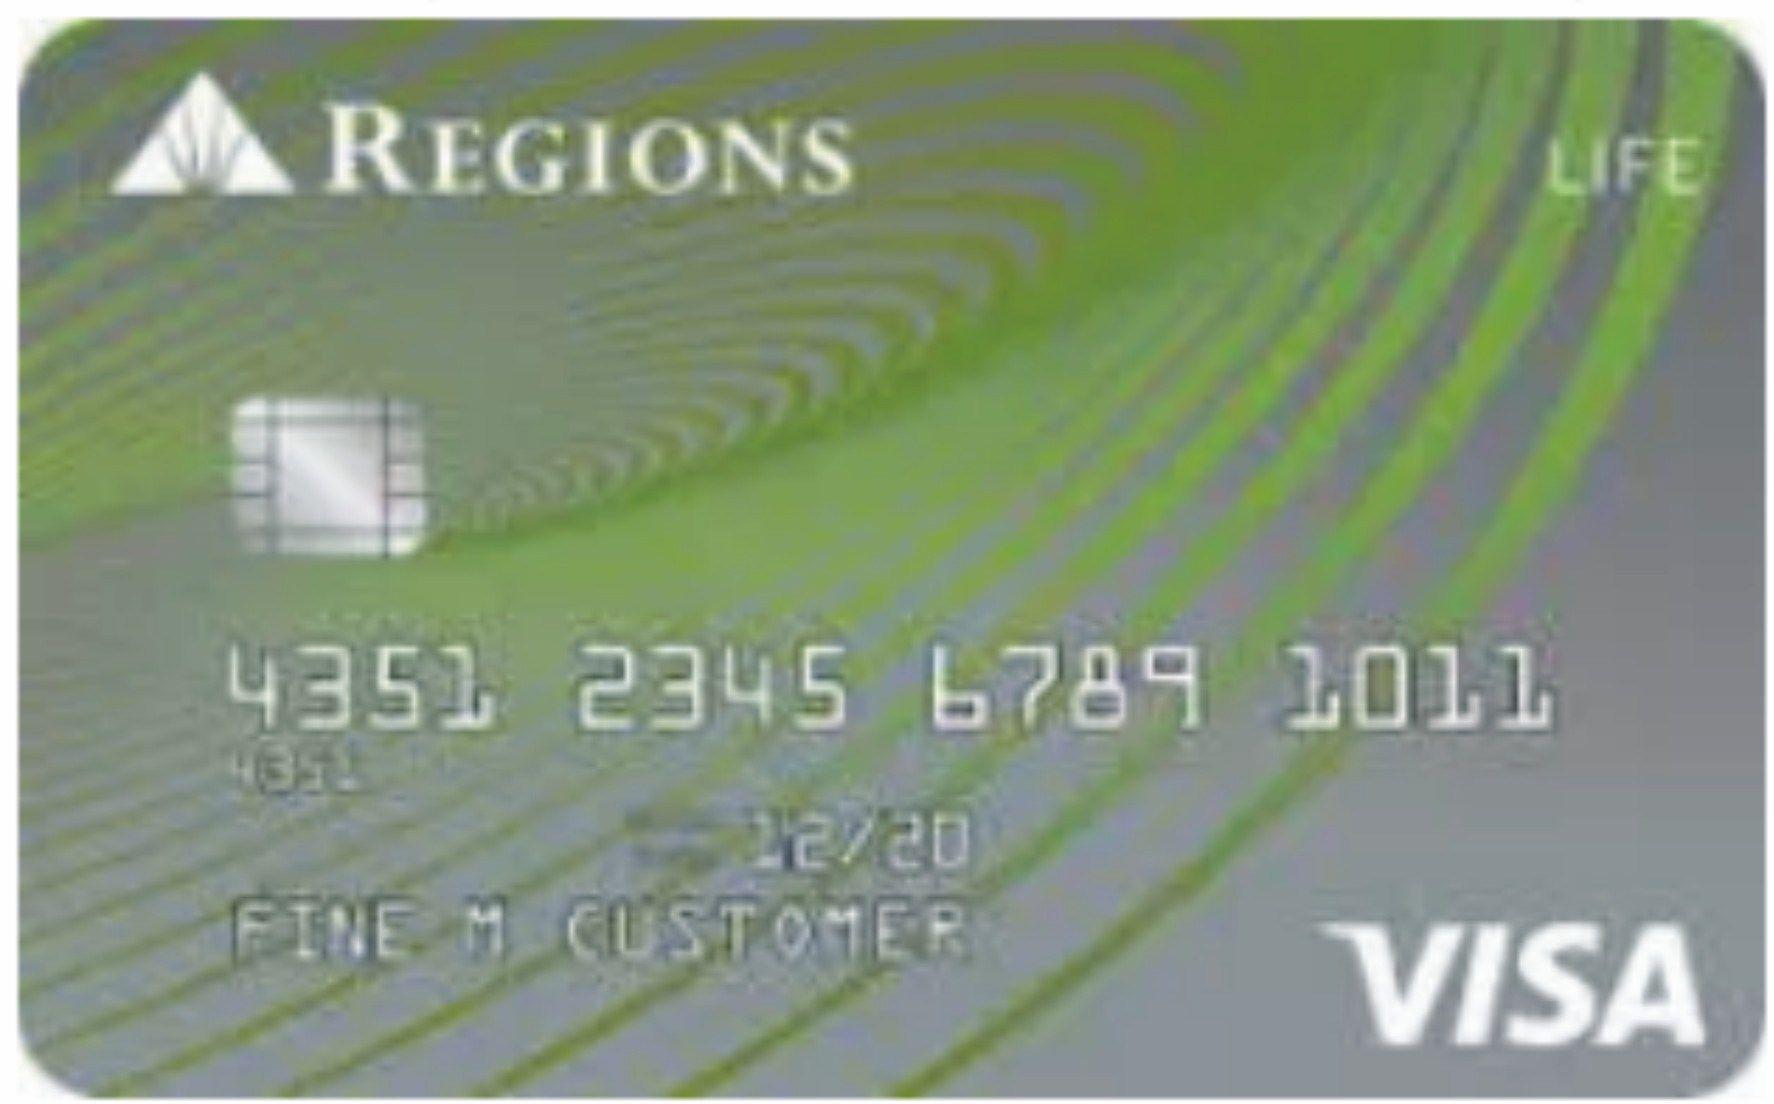 Regions Visa Signature Credit Card Login Credit Card Reviews